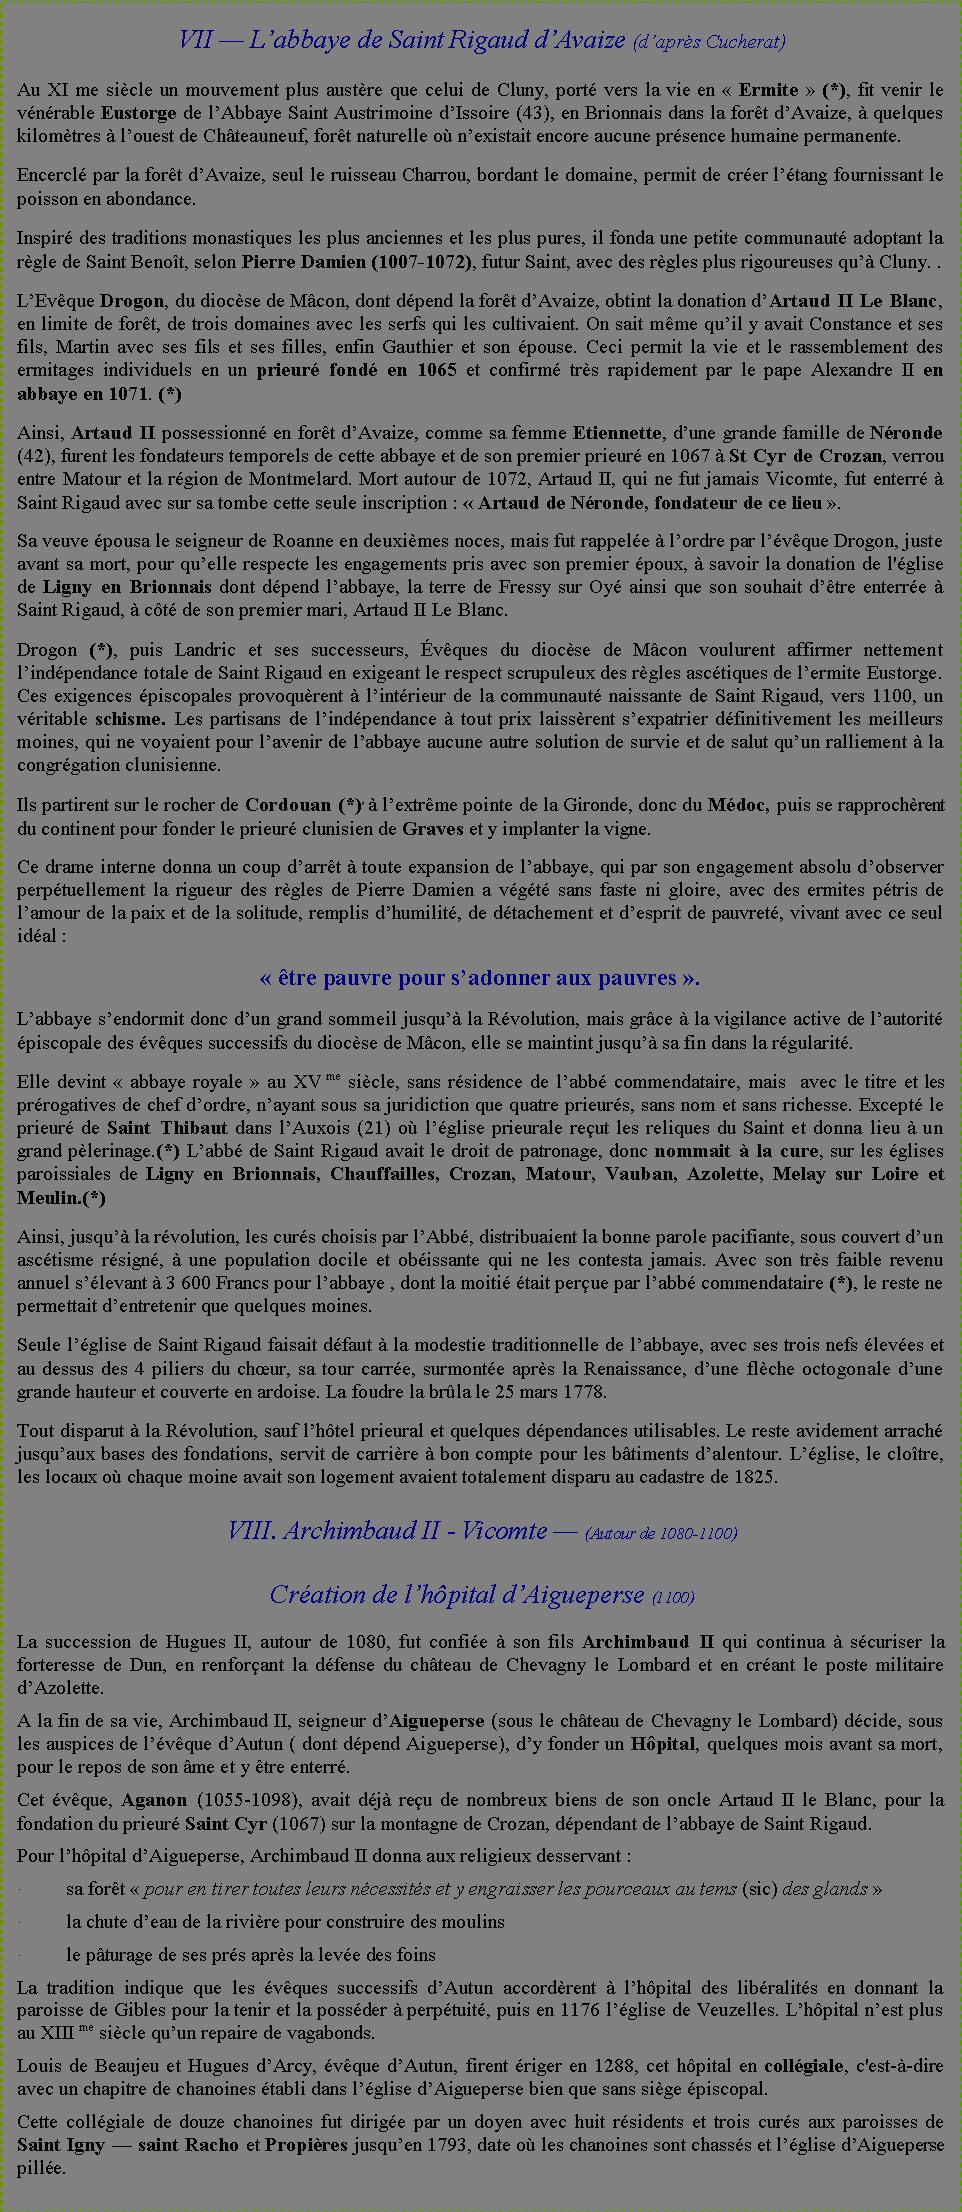 Histoire de la vicomt maconnaise suite ii for Autobiographie d un amour alexandre jardin